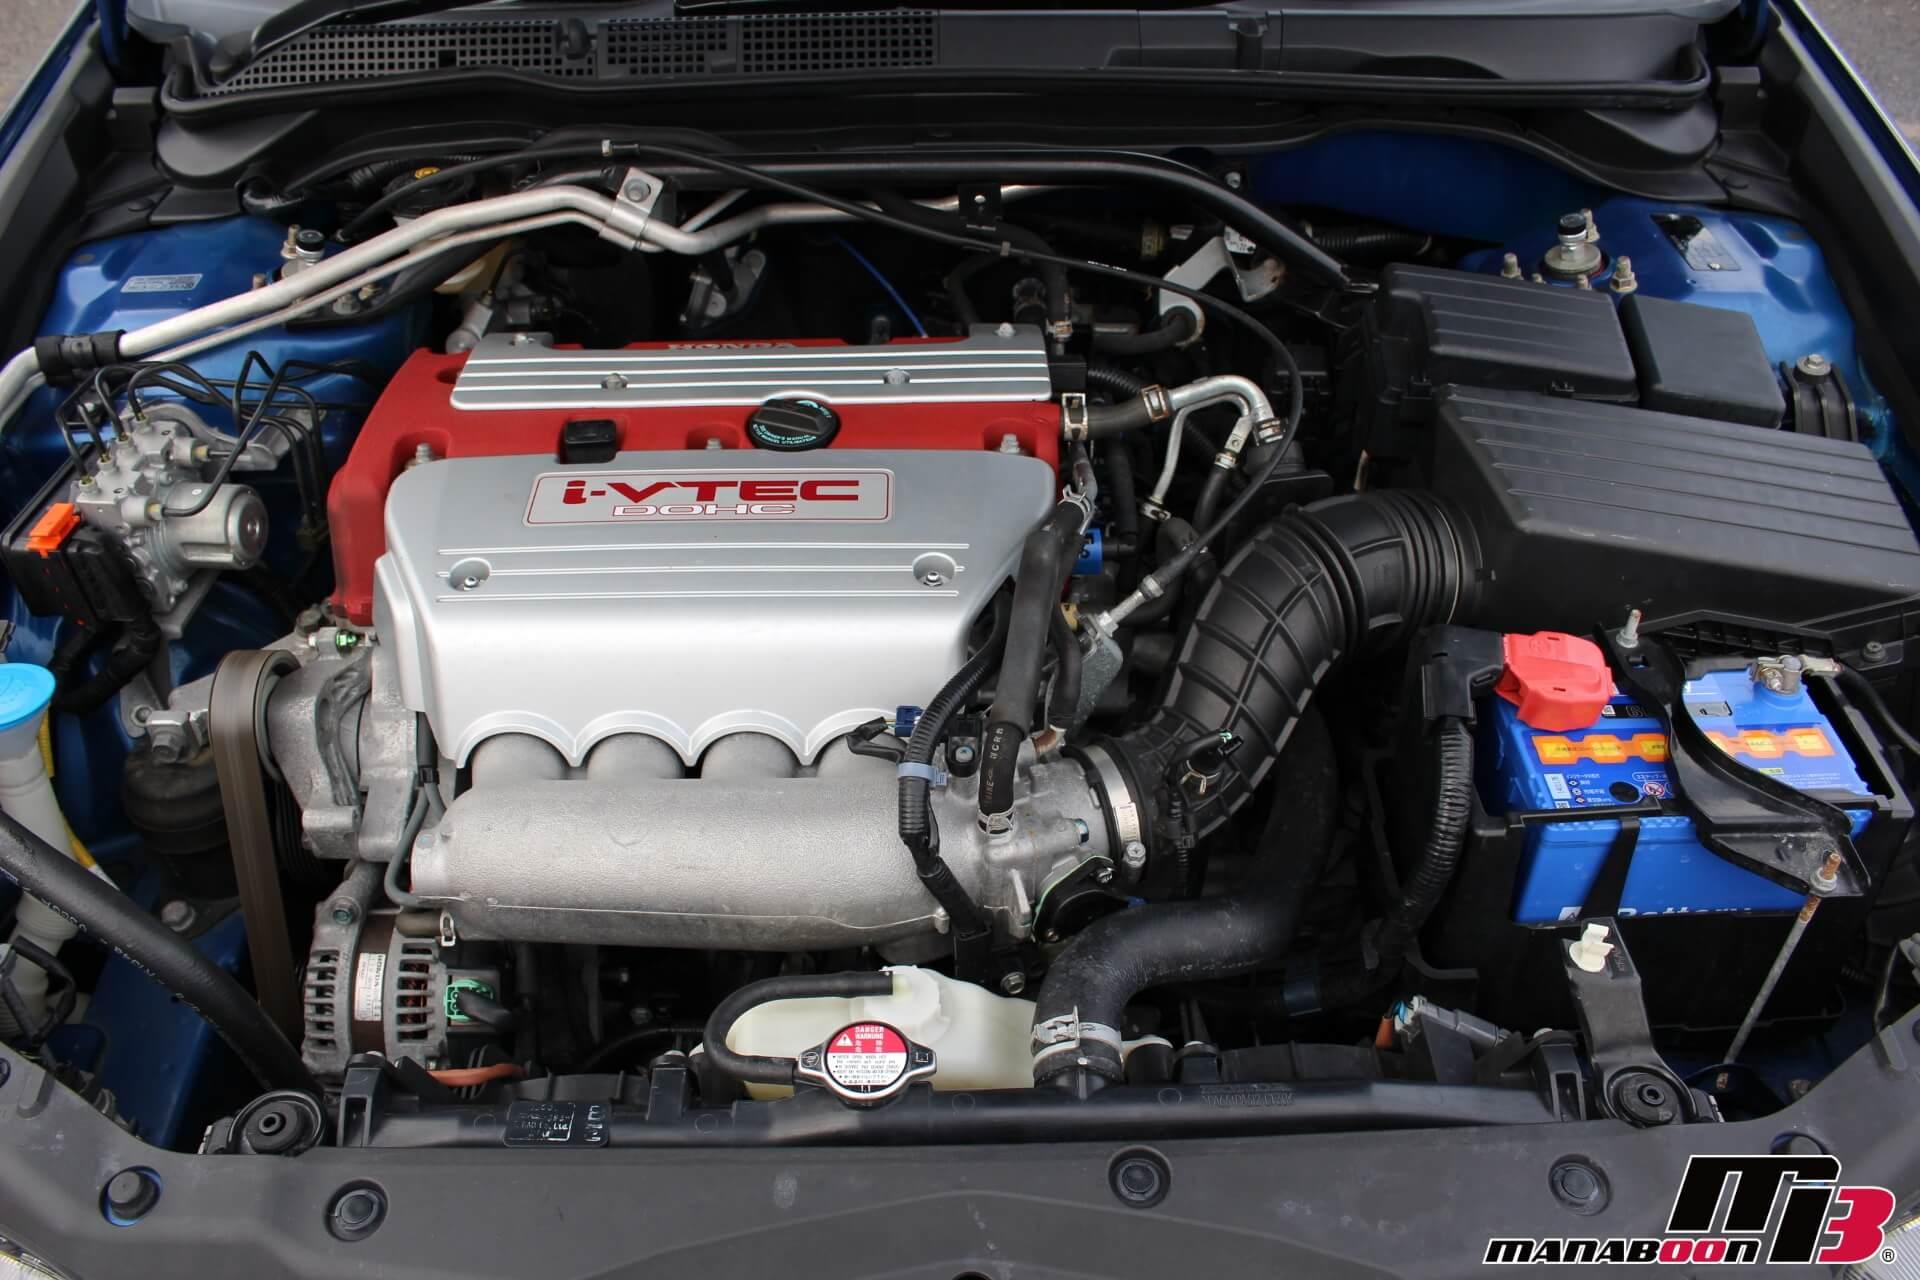 アコードユーロR(CL7)後期 K20Aエンジン画像